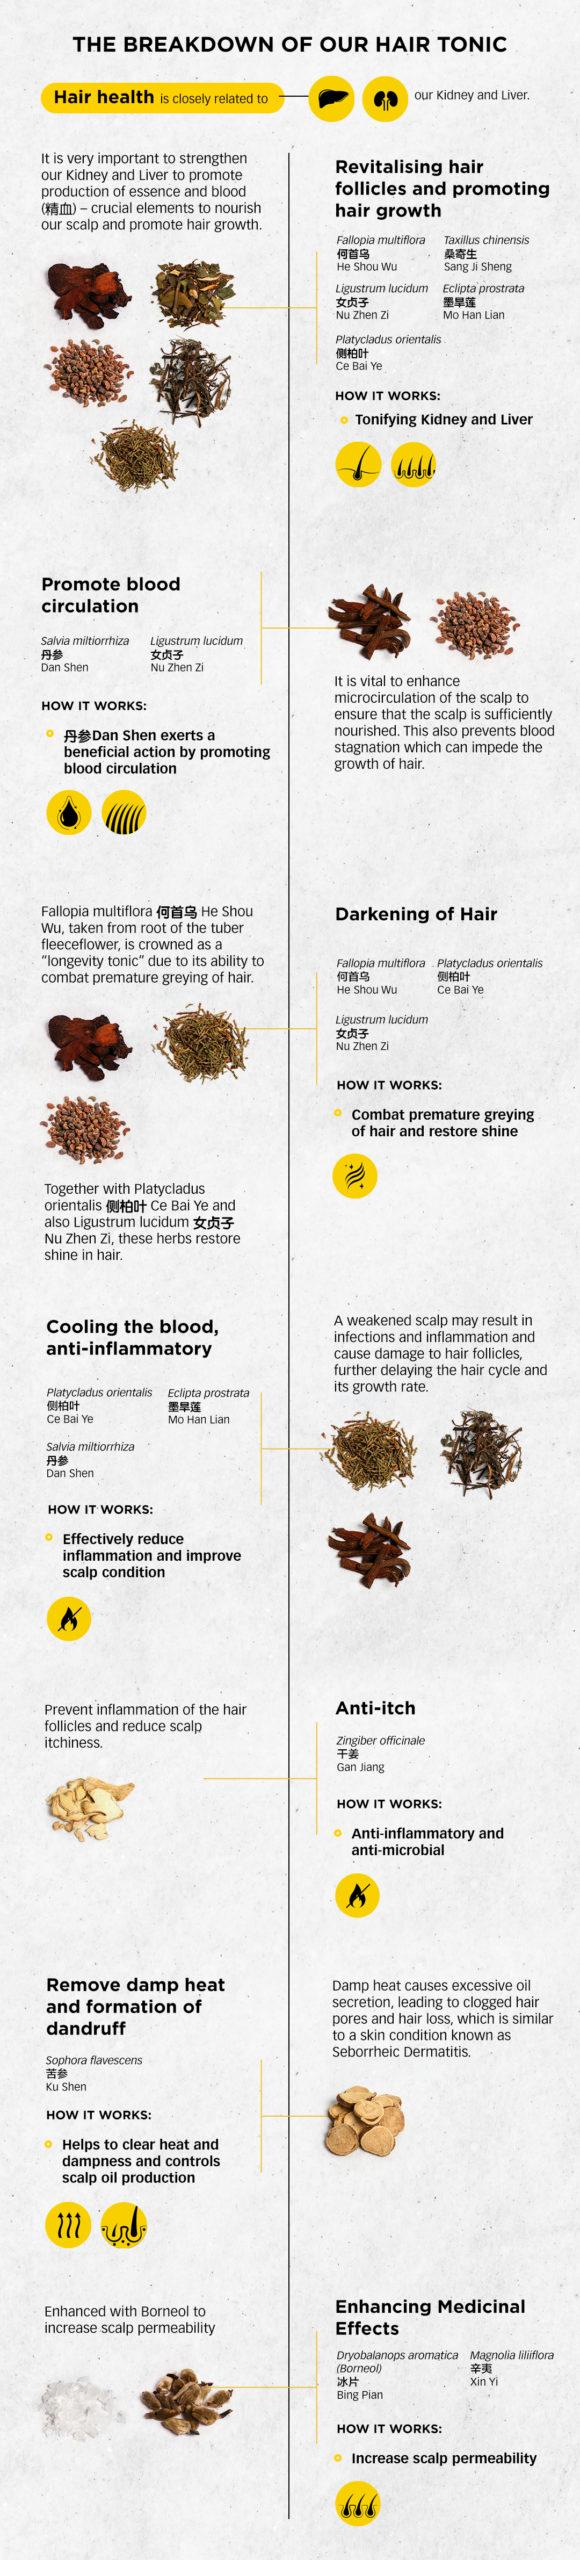 info-The breakdown of our hair tonicBreakdown